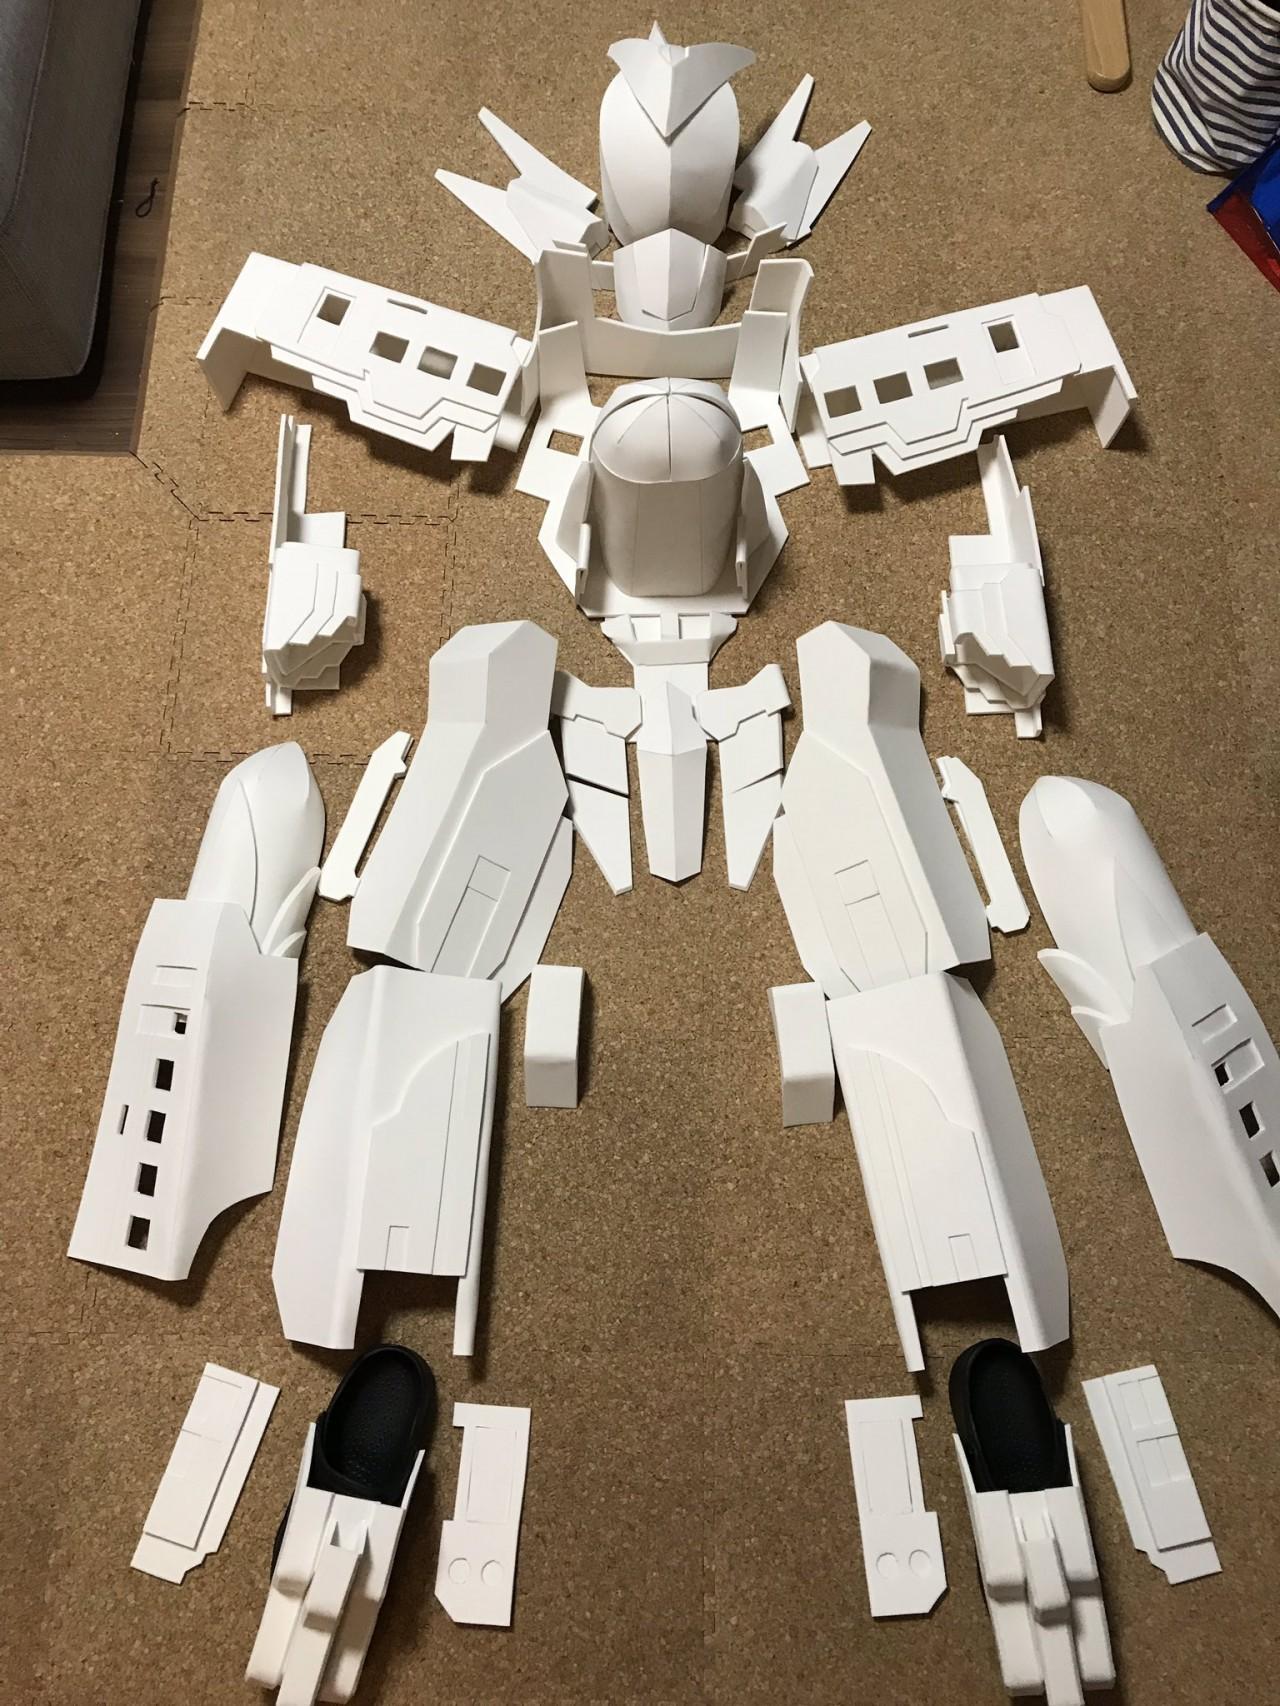 EEgnq-8U0AAFgC1.jpg